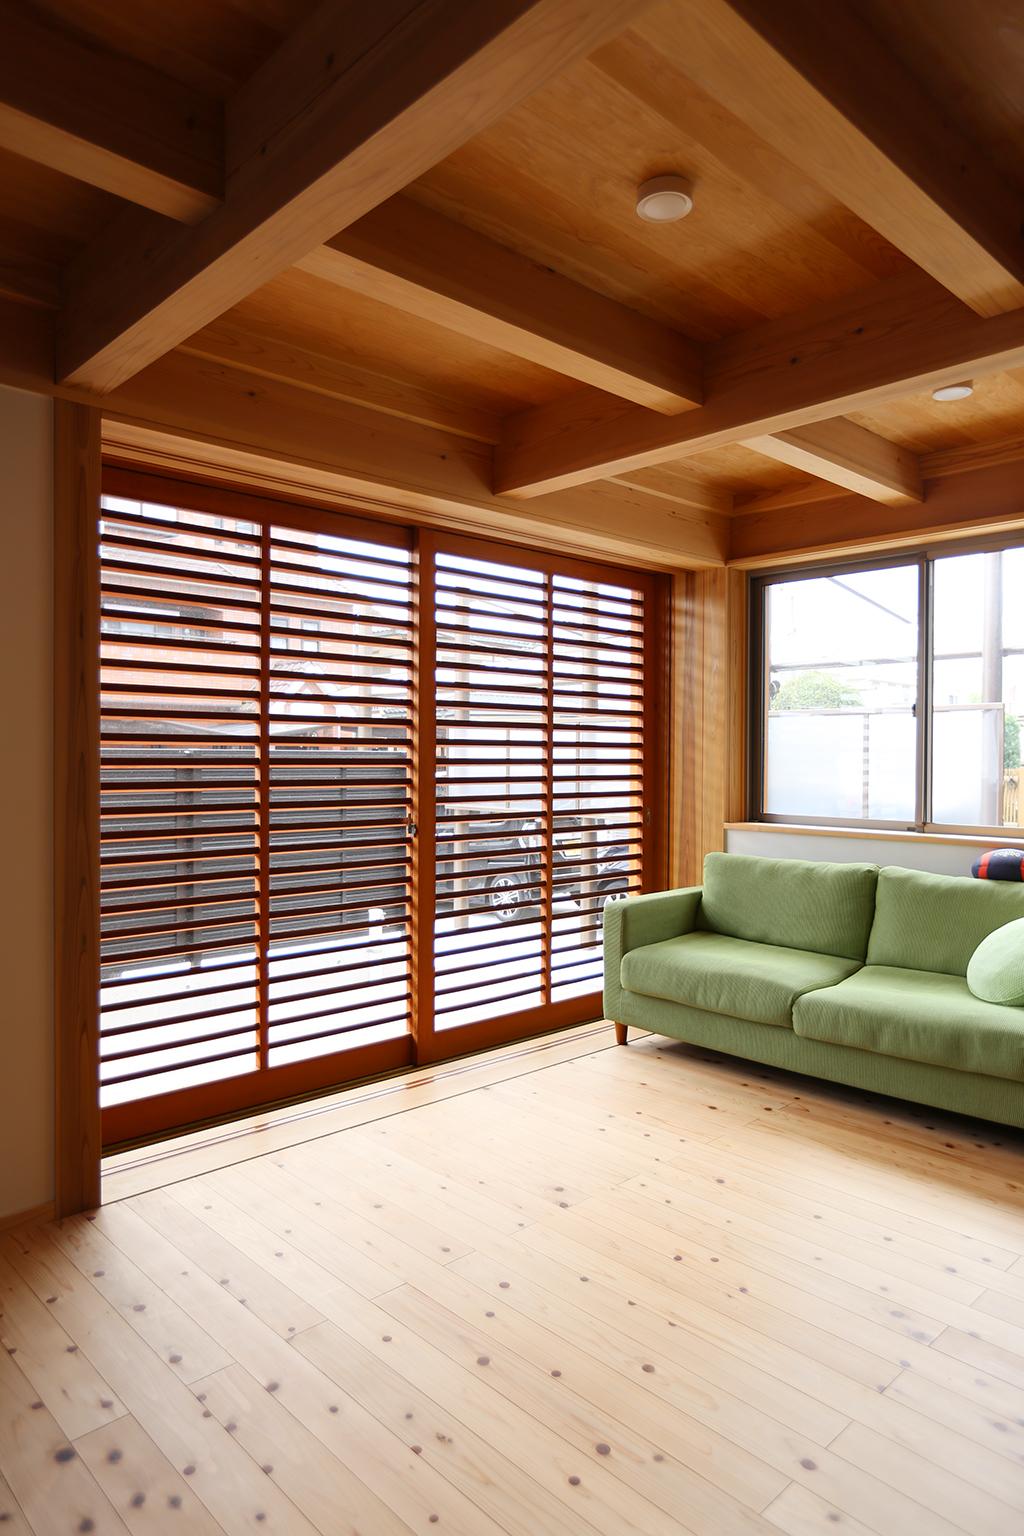 たつの市の木の家 引き込み出来るオリジナルの網戸兼雨戸